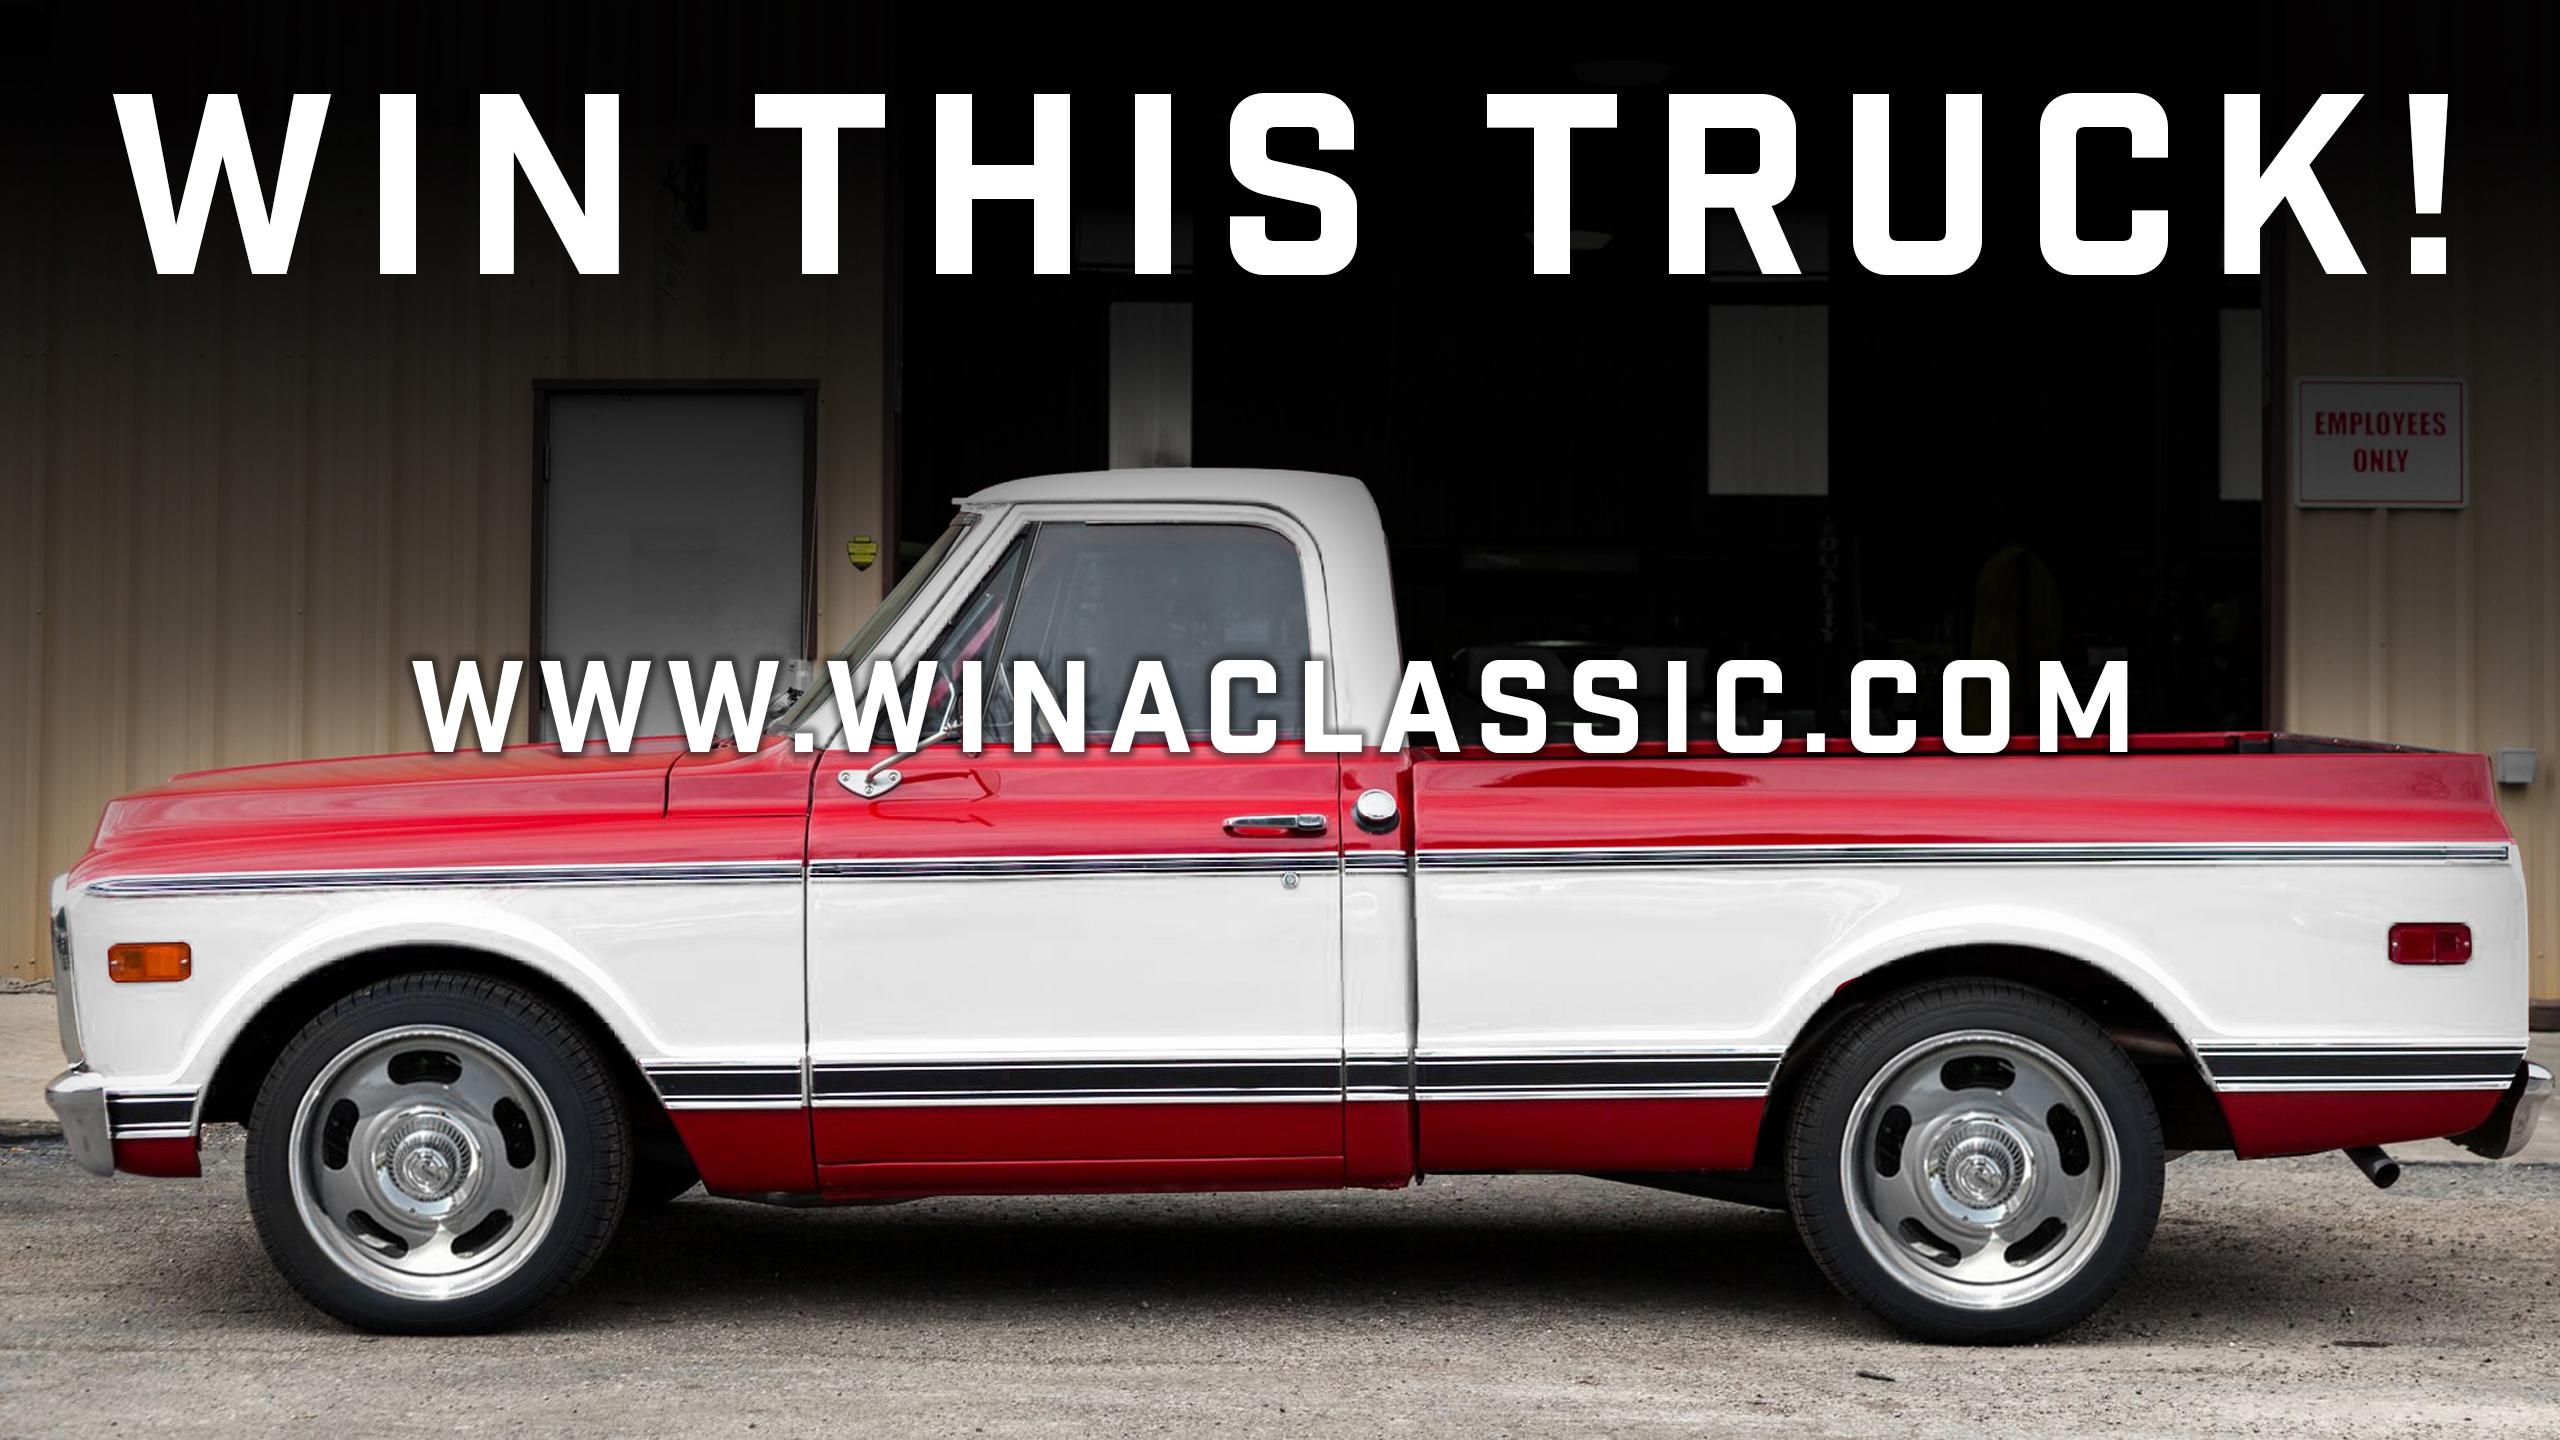 Wanna Win A Truck? Classic Car Liquidators Has A 1971 C10 Up For Grabs